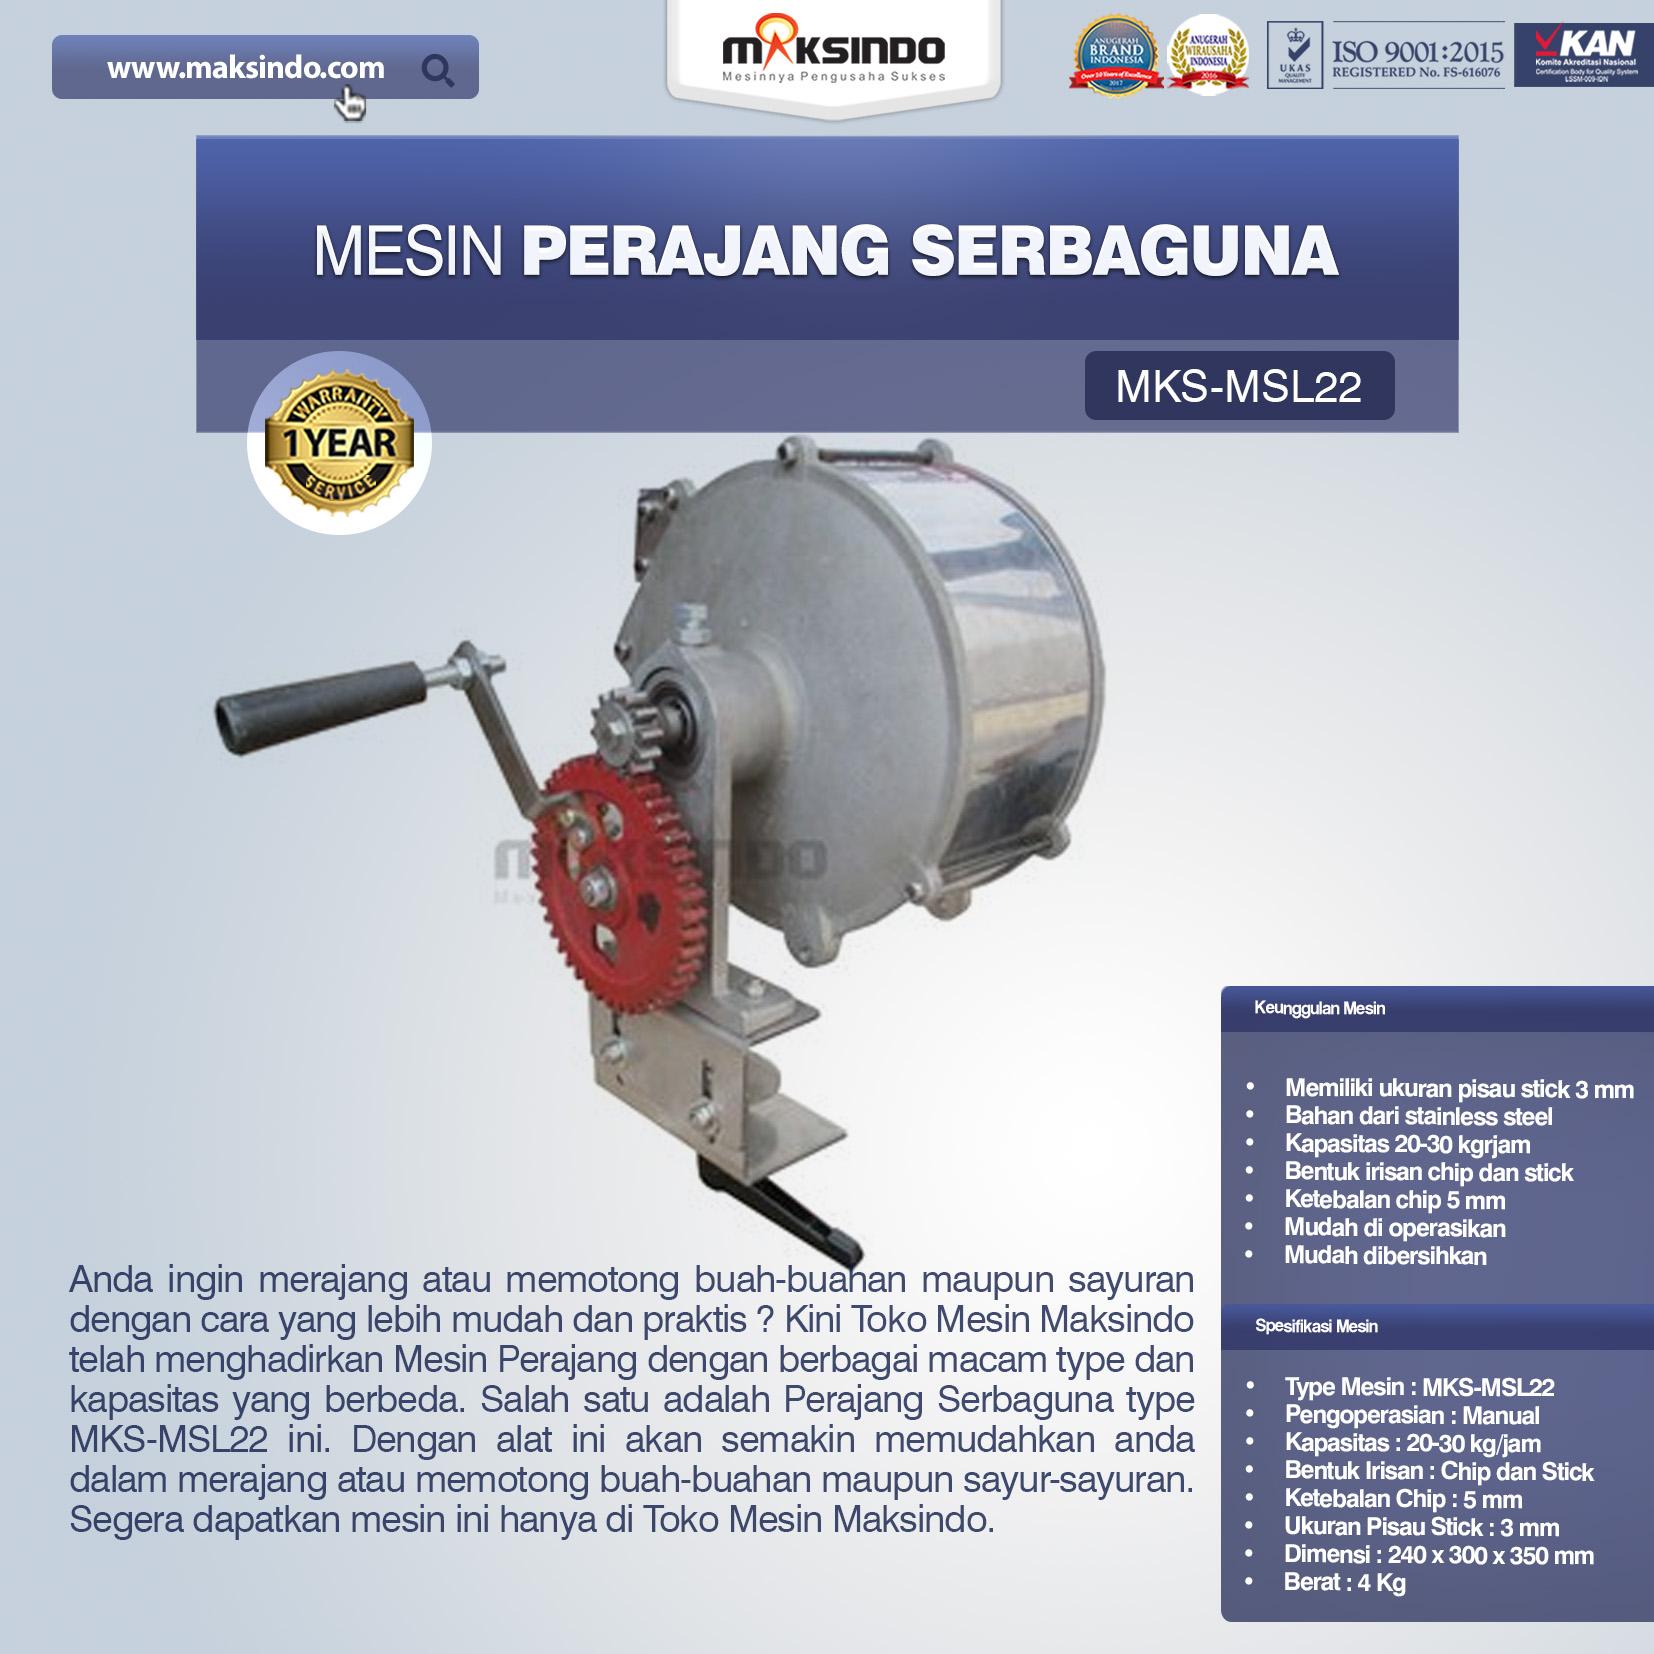 Jual Perajang Serbaguna MKS-MSL22 di Tangerang